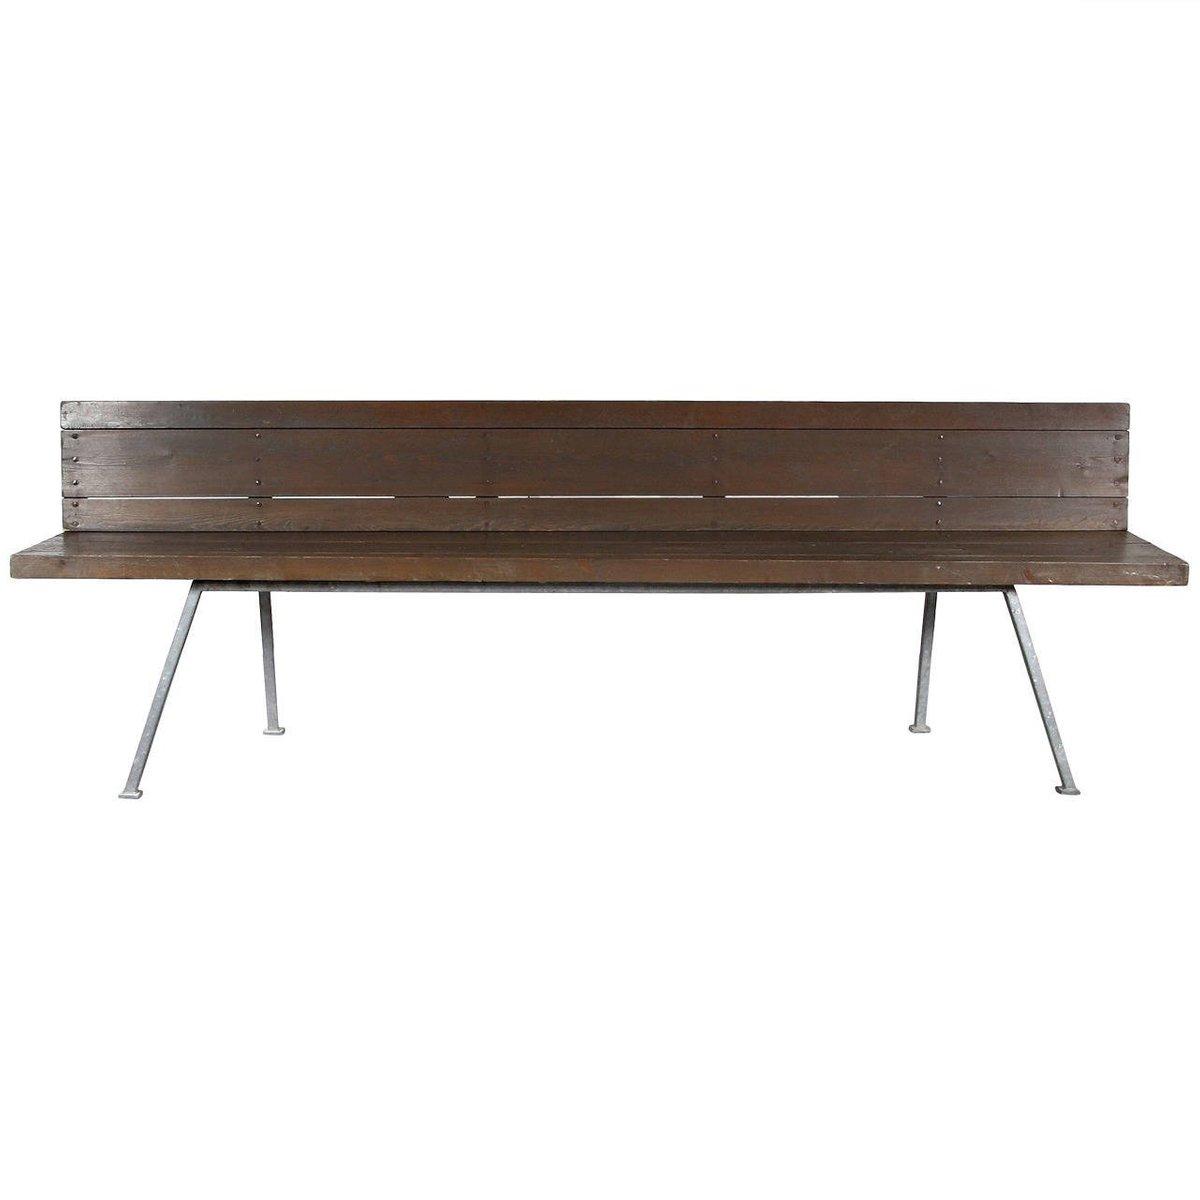 niederl ndische bank aus metall und holz von dom hans van der laan 1967 bei pamono kaufen. Black Bedroom Furniture Sets. Home Design Ideas